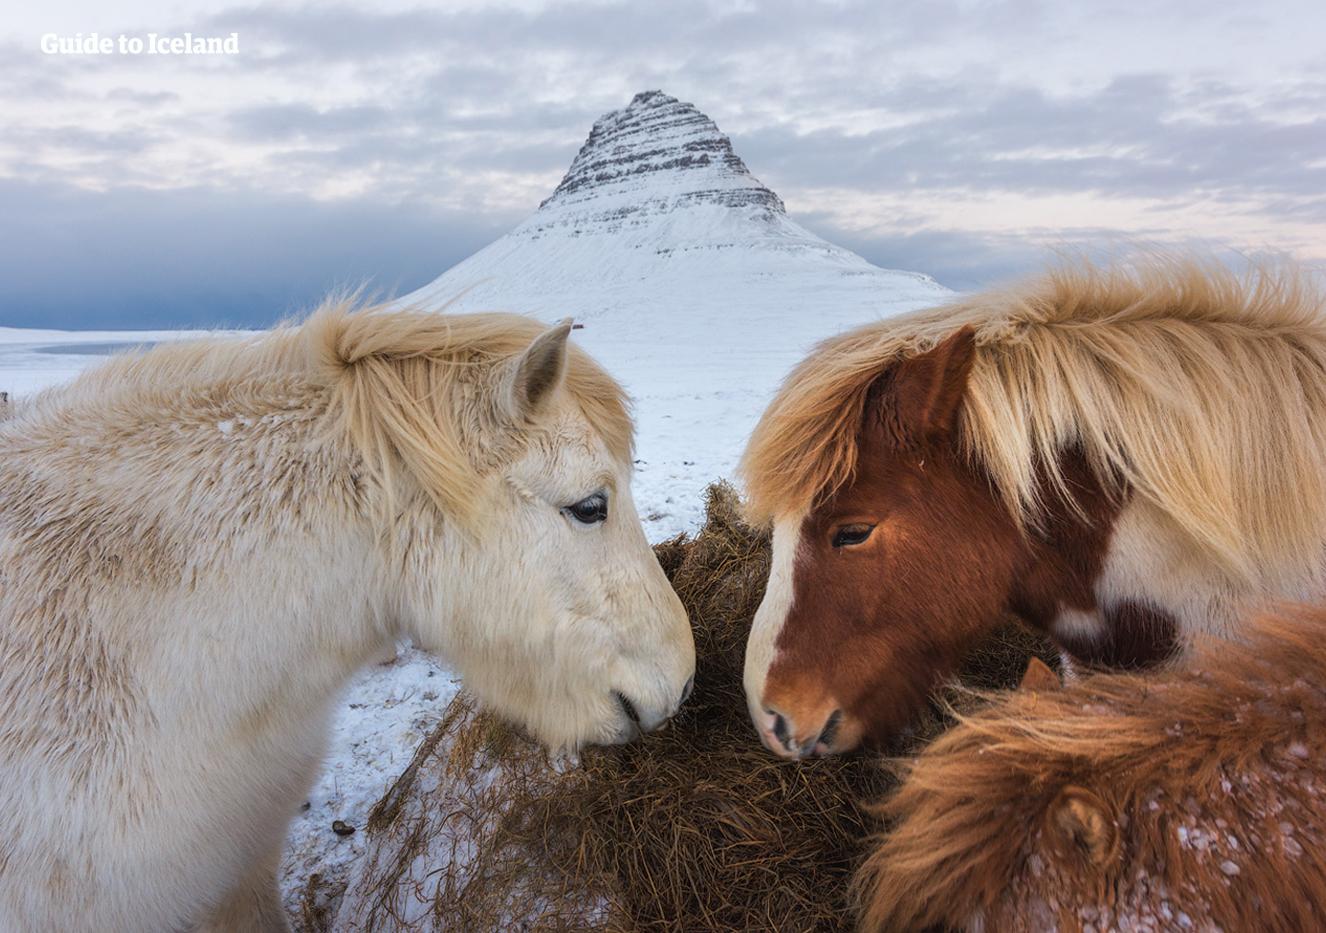 Islandshästar och det ikoniska berget Kirkjufell på Snæfellsneshalvön.